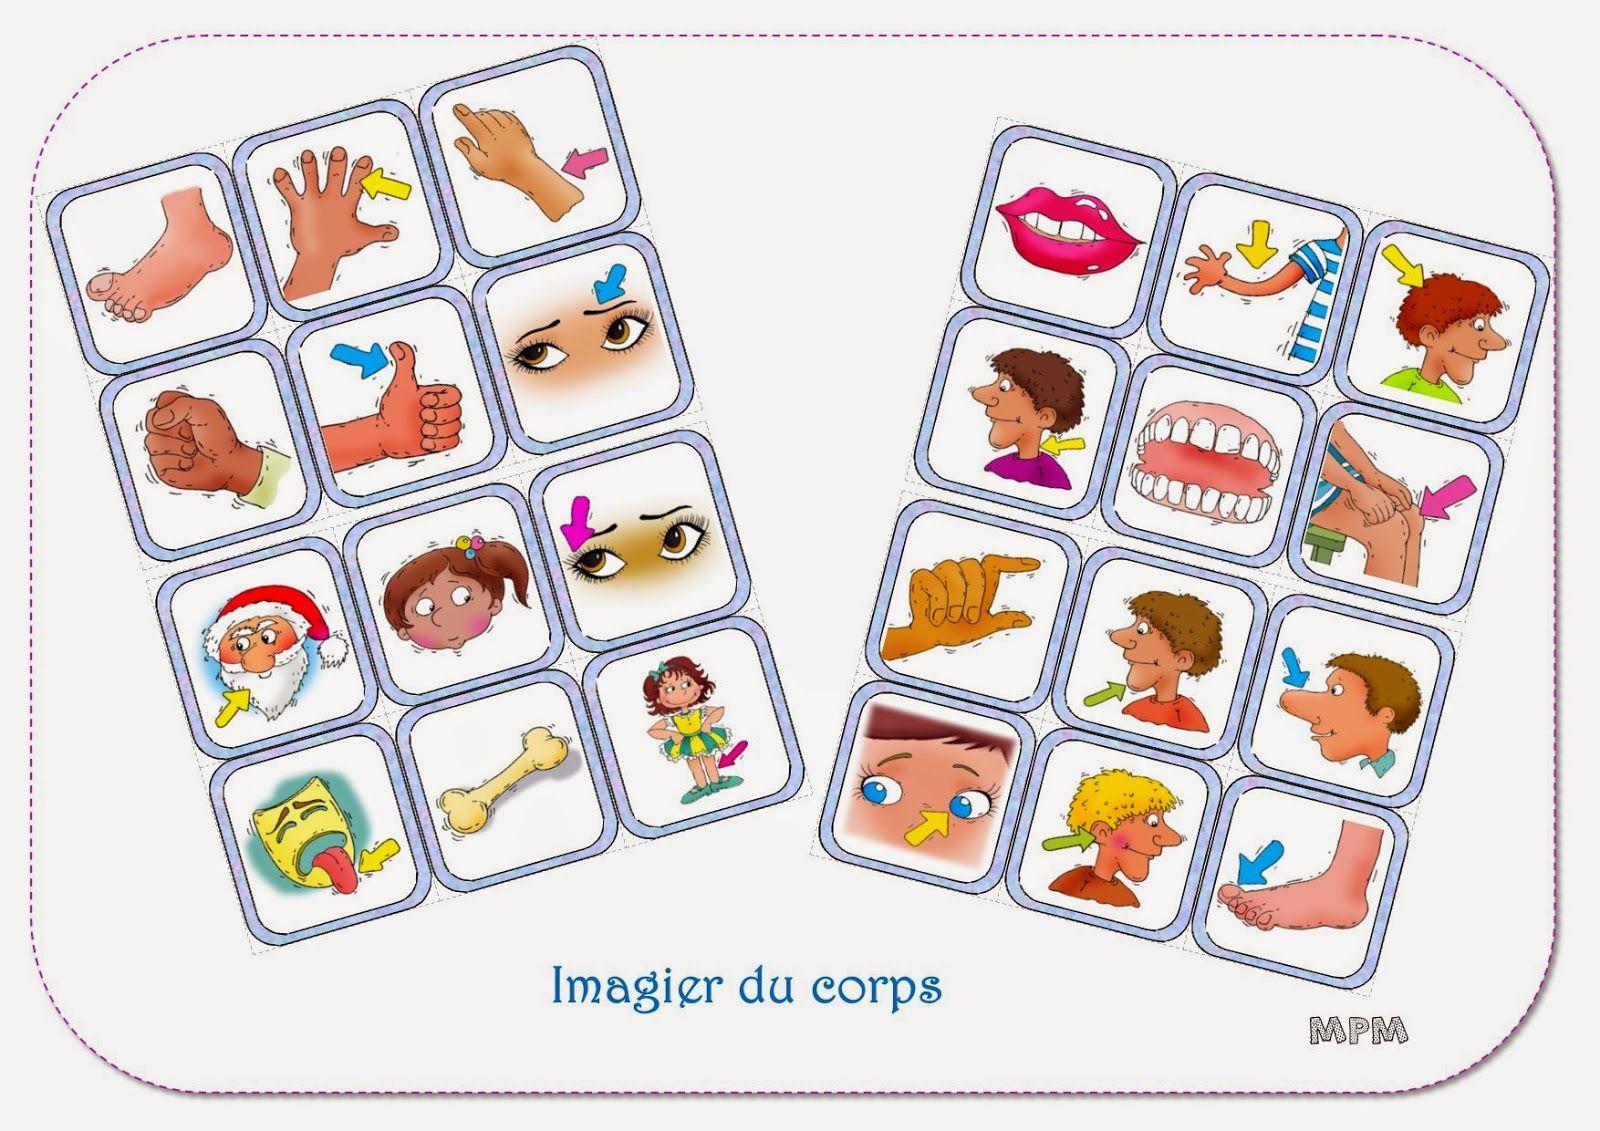 Pin Op Schéma Corporel Maternelle encequiconcerne Le Corps Humain En Maternelle